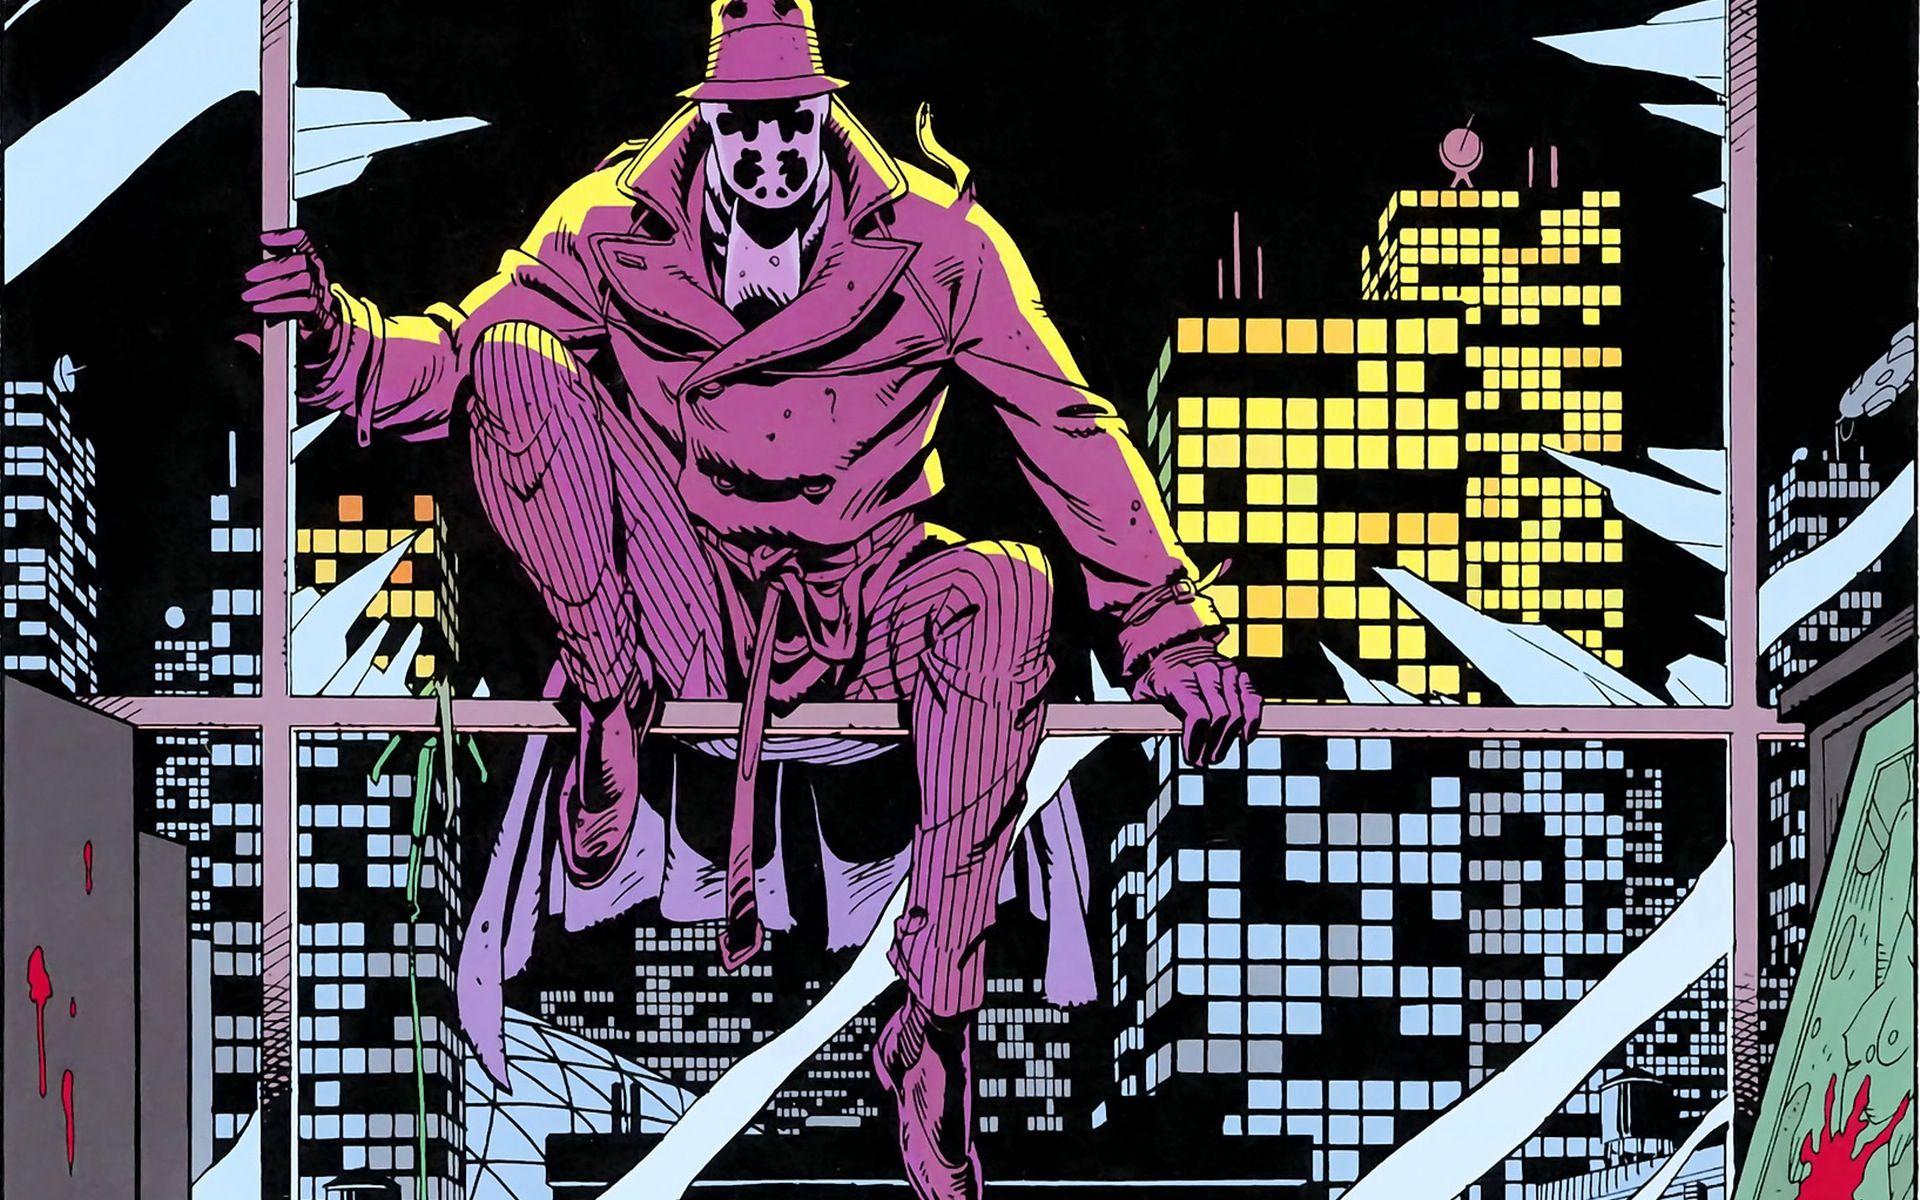 Comics Watchmen Rorschach Wallpaper Arte Dc Comics Melhores Quadrinhos Personagens De Quadrinhos